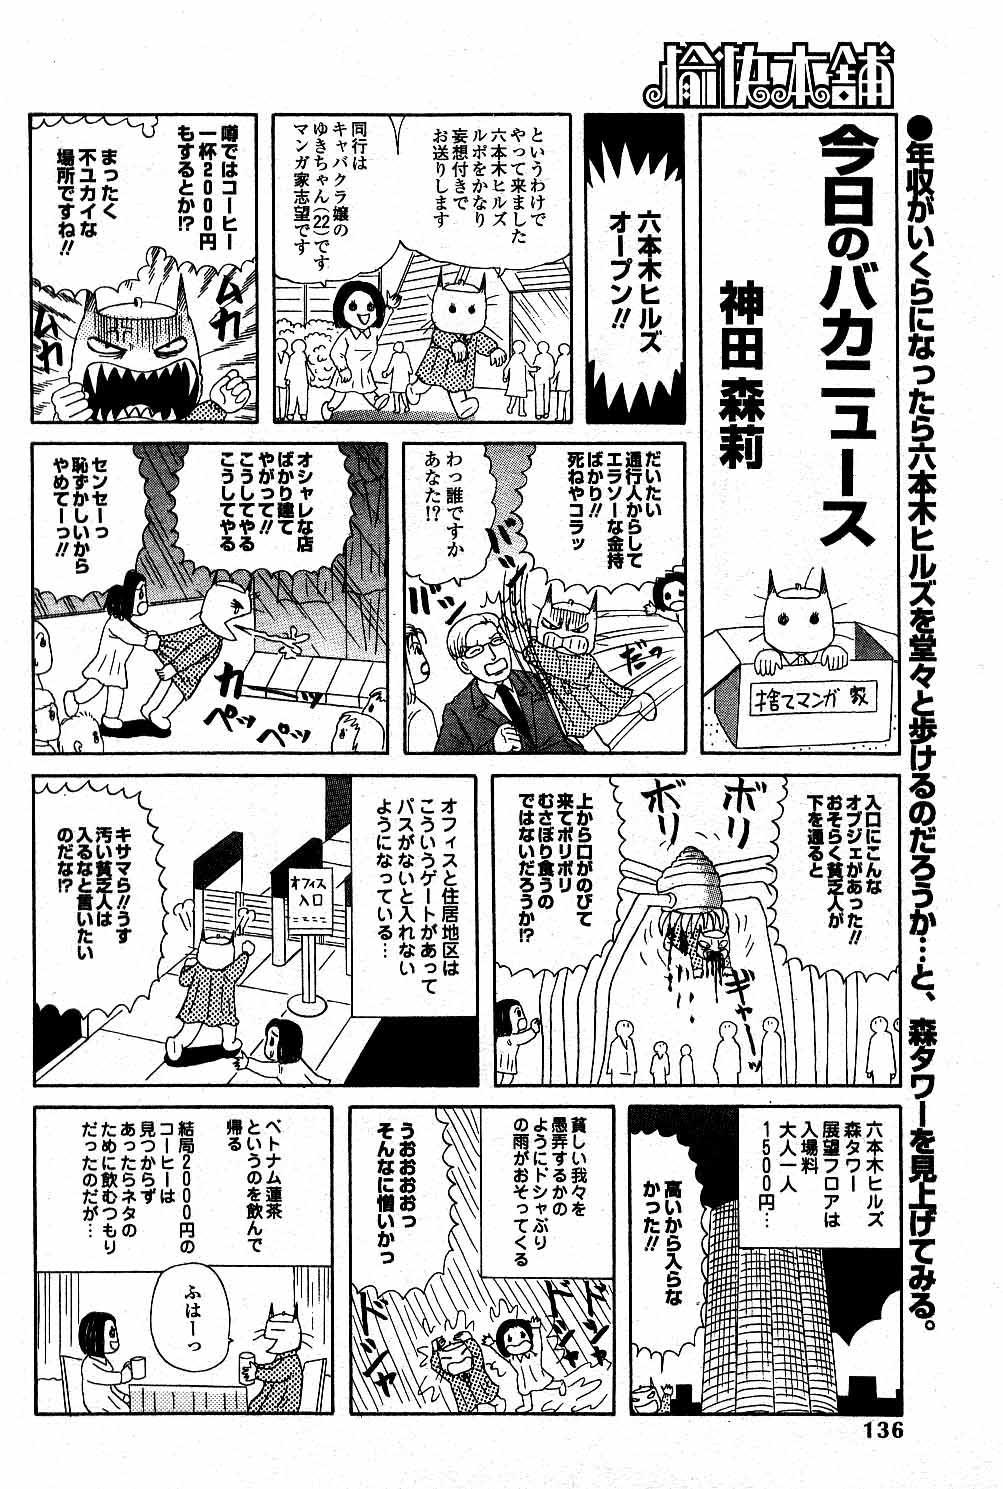 ホラー漫画画像baka02.jpg